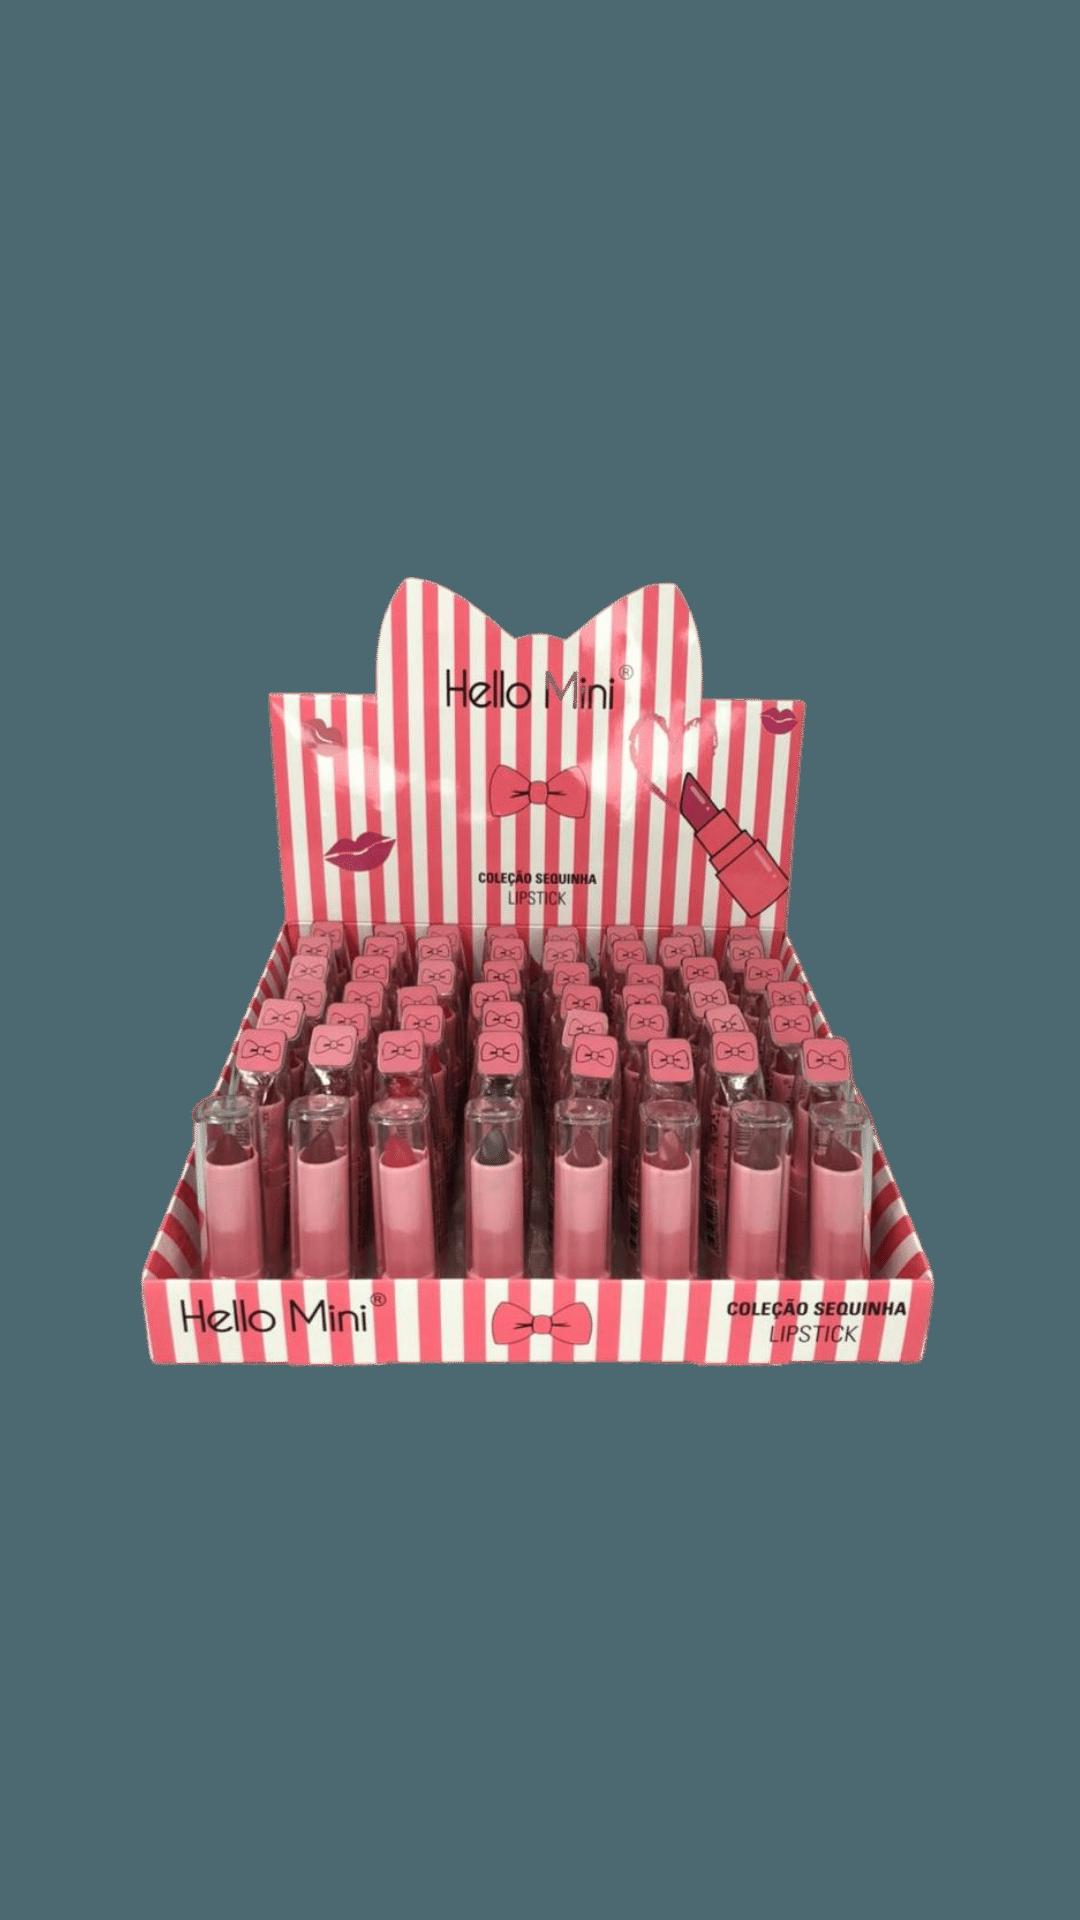 Batom Coleção Sequinha Lipstick - Hello Mini Box A - Box com 48Un. (Y127A)